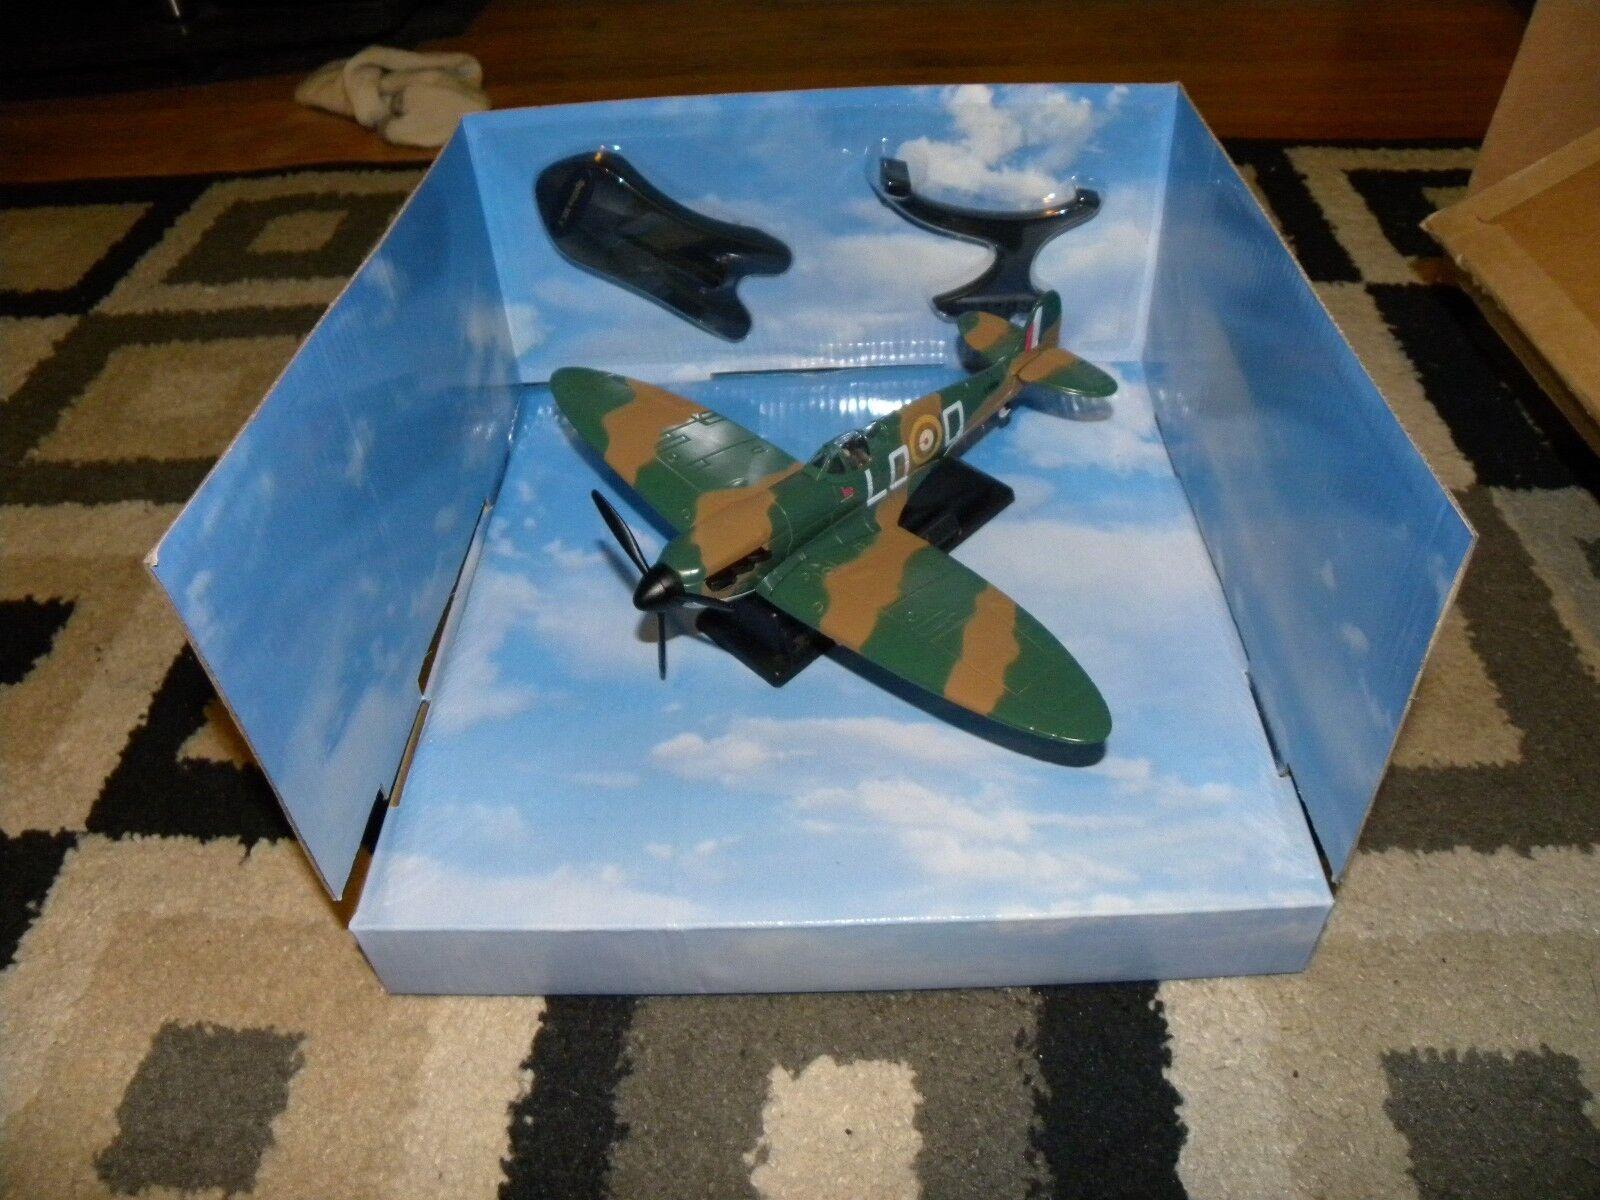 Fairfield Comme neuf, Spitfire Mk. V (vert), Die Cast Modèle Avion, nouveau dans la boîte